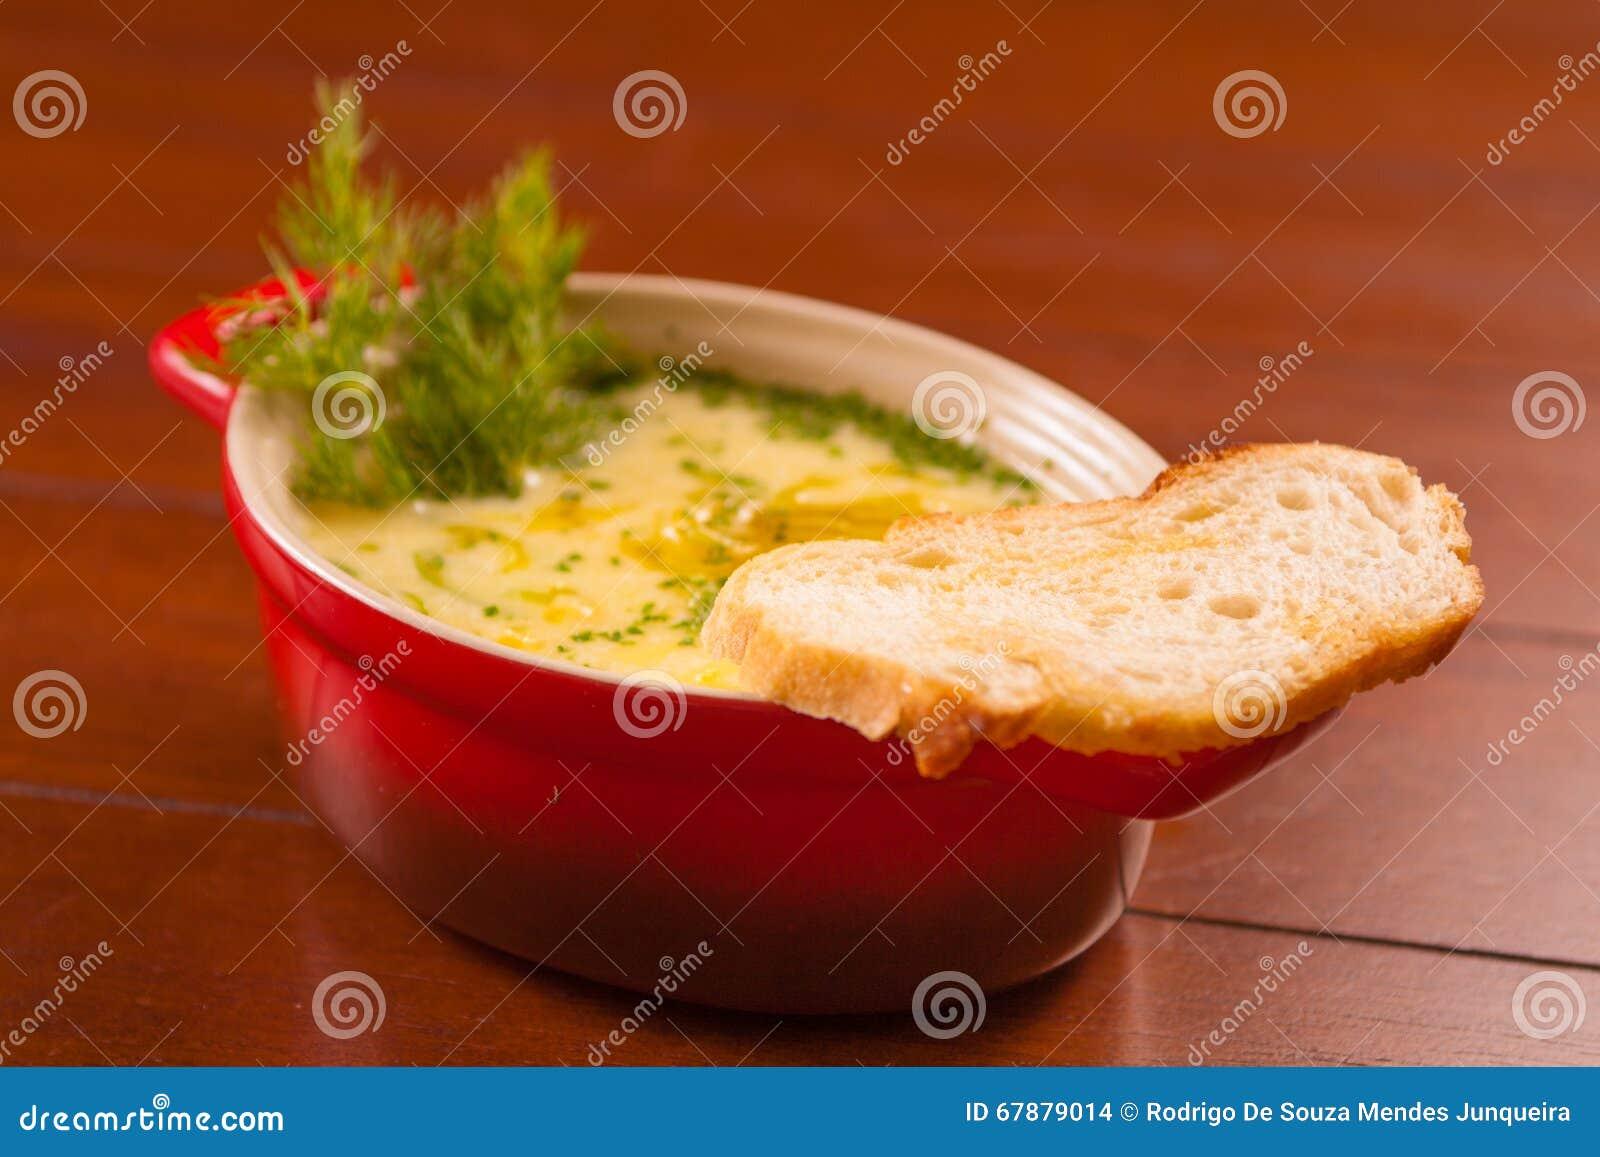 食家涮制菜肴开胃菜